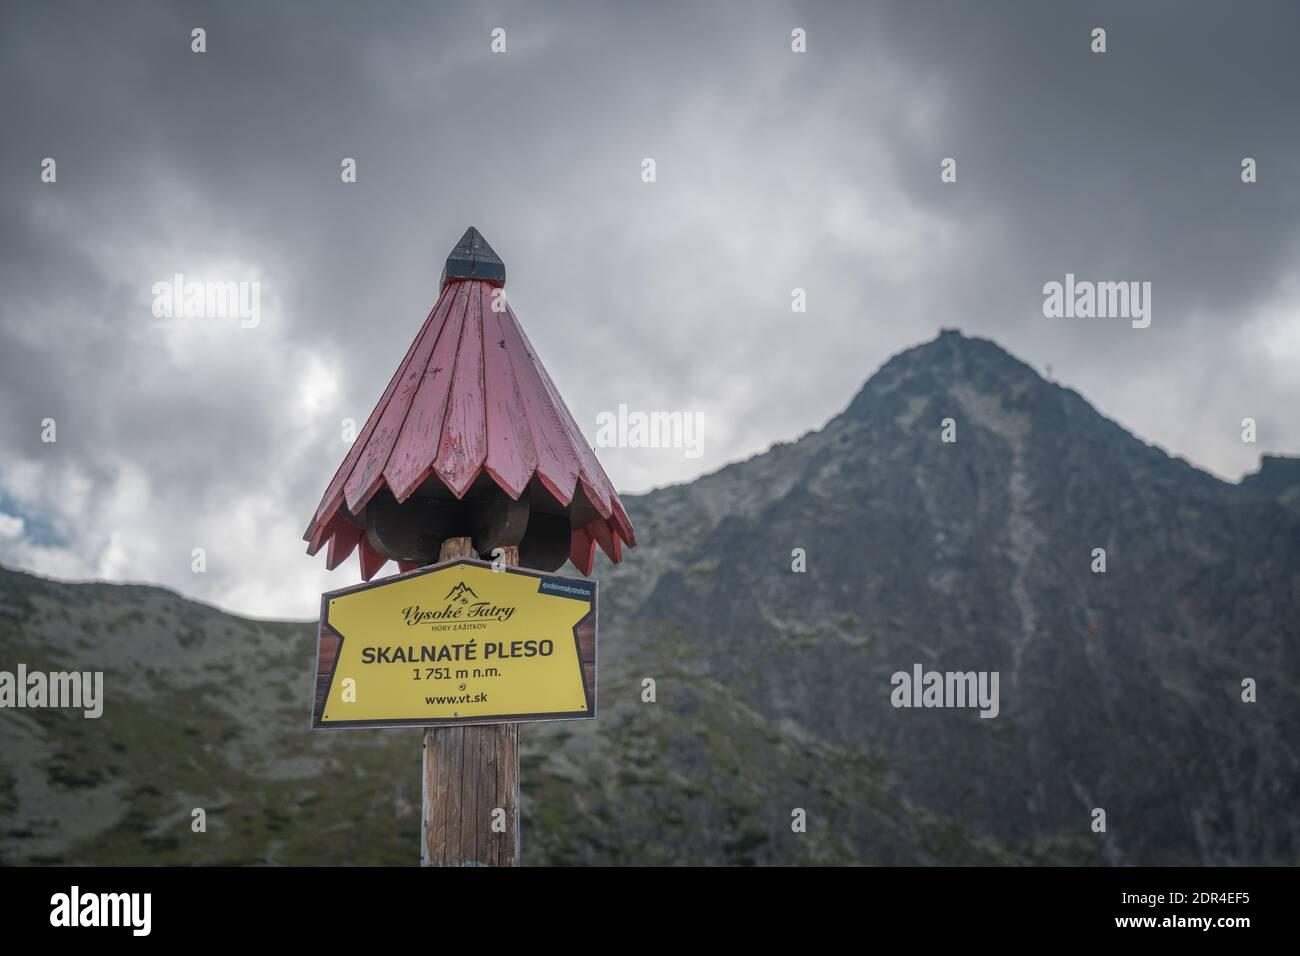 TATRANSKA LOMNICA, SLOVAQUIE, AOÛT 2020 - panneau Skalnate pleso sur poteau en bois avec toit en Slovaquie. C'est un lac situé dans les montagnes des Hautes Tatras Banque D'Images